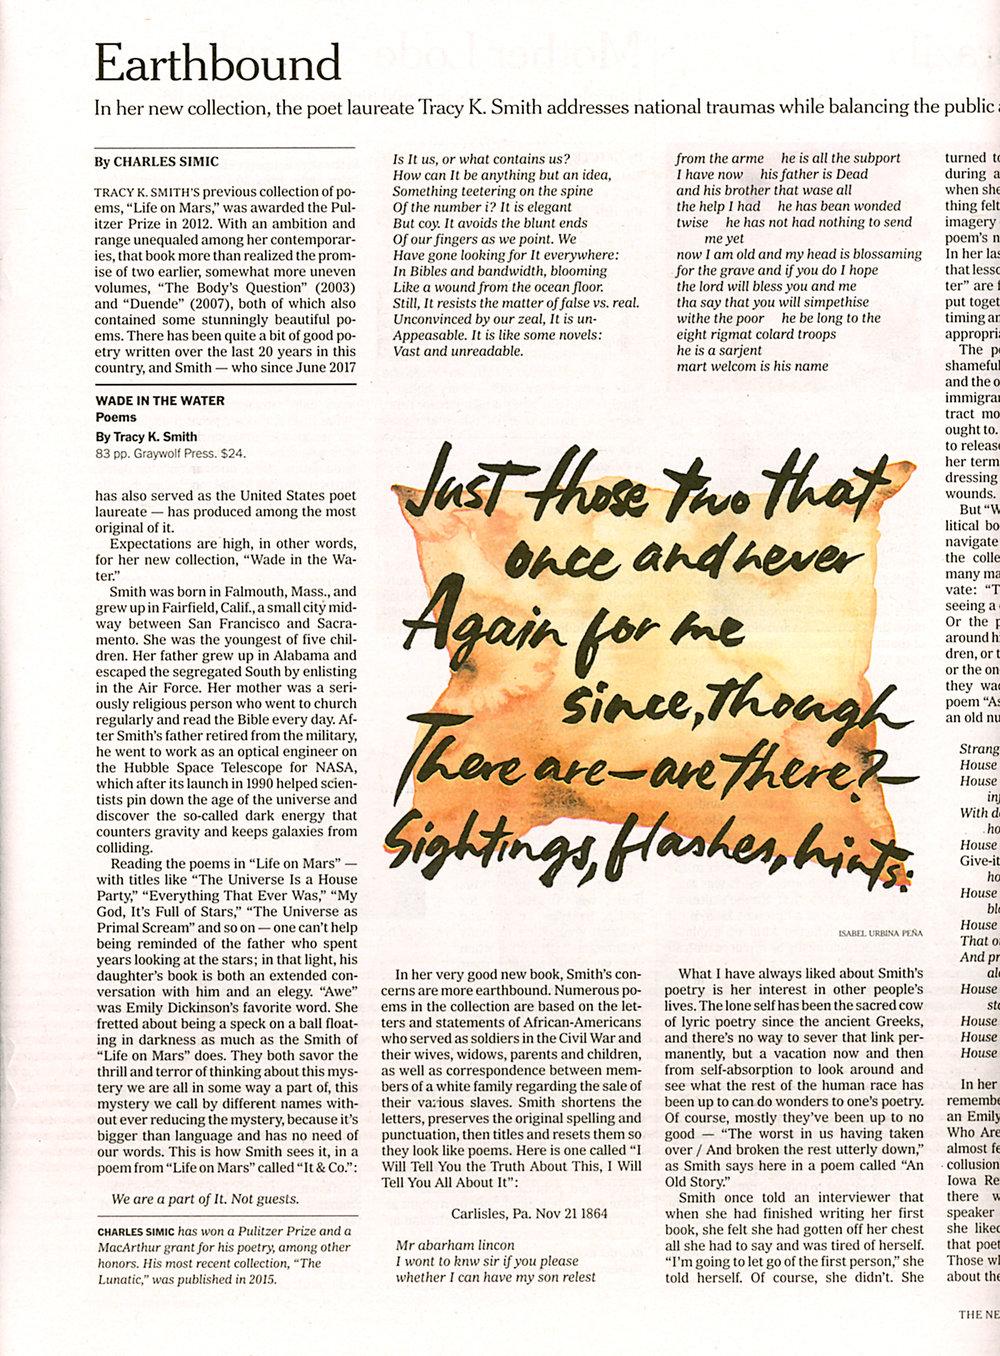 NYT_Paper.jpg